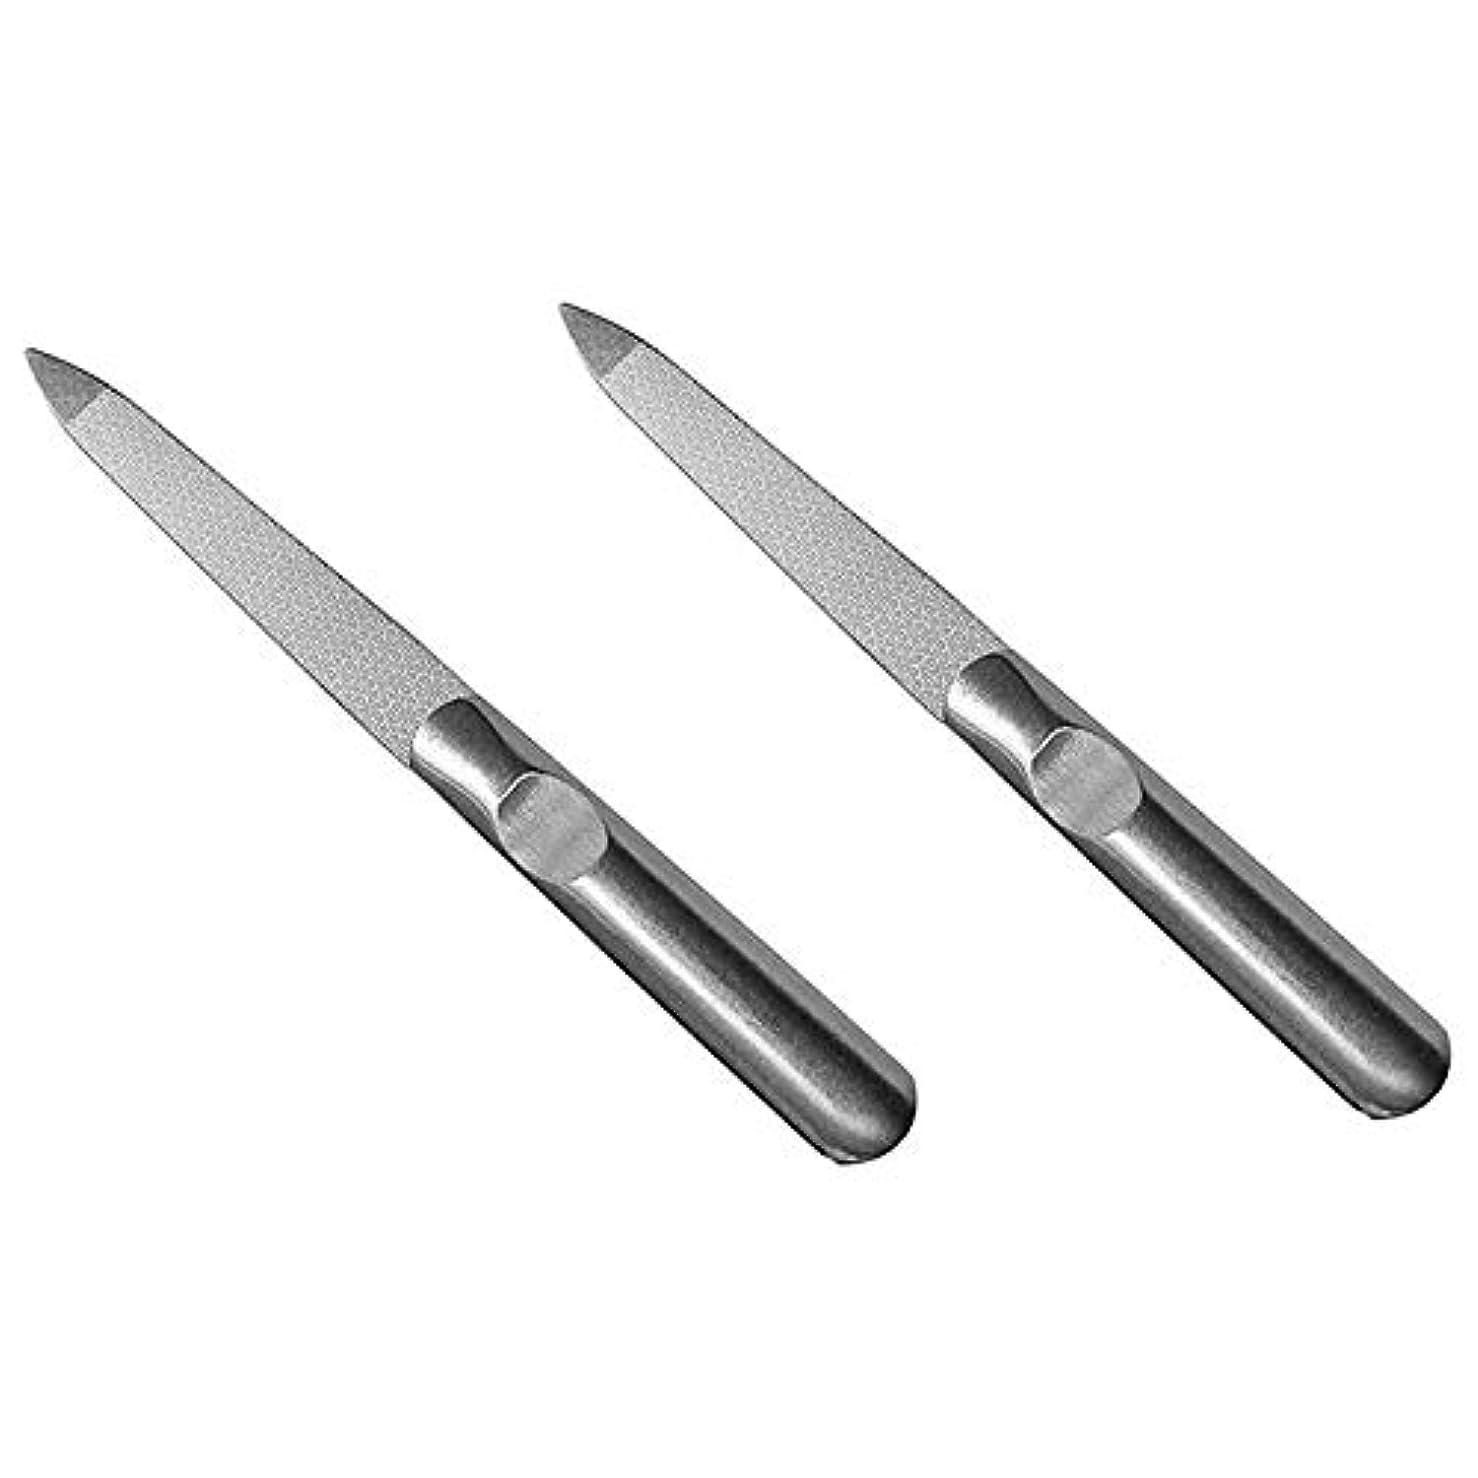 置くためにパック忙しいプリーツSemoic 2個 ステンレススチール ネイルファイル 両面マット アーマー美容ツール Yangjiang爪 腐食の防止鎧